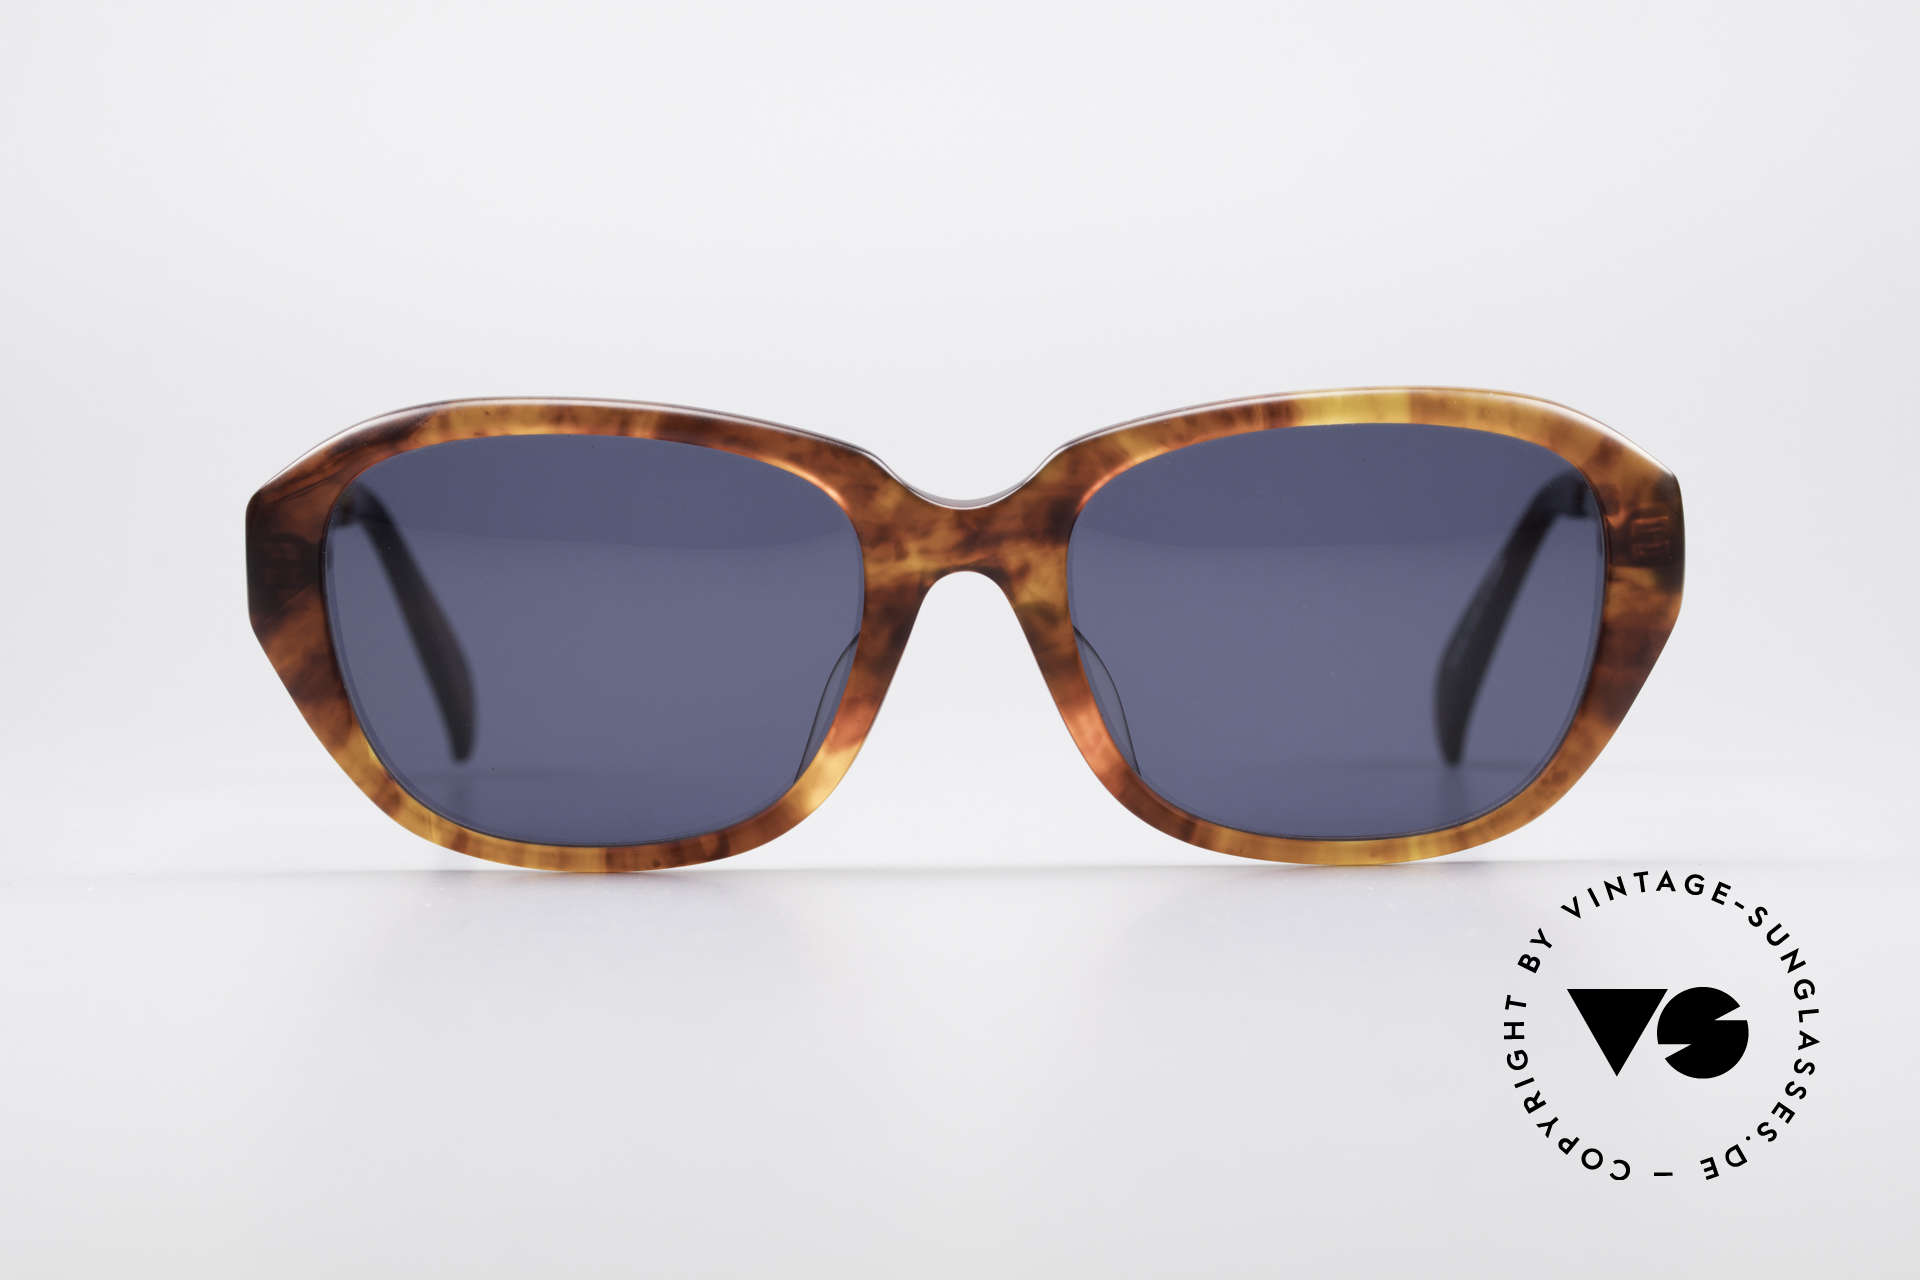 Jean Paul Gaultier 56-1072 JPG Designer Sonnenbrille, tolle Material- und Farbkombinationen; Hingucker!, Passend für Herren und Damen